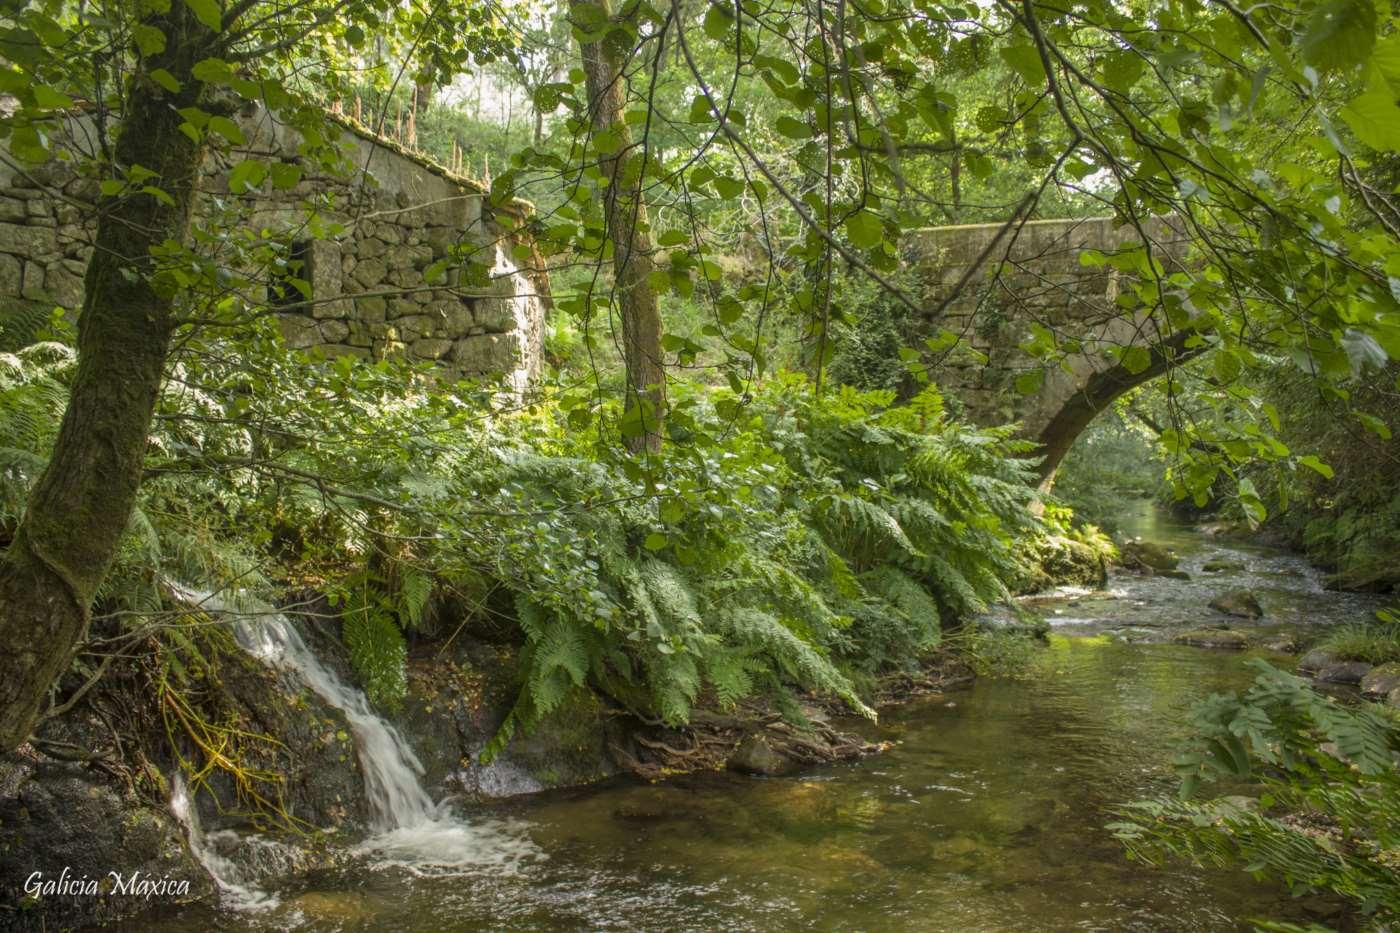 Molino y puente As Pontaleiras